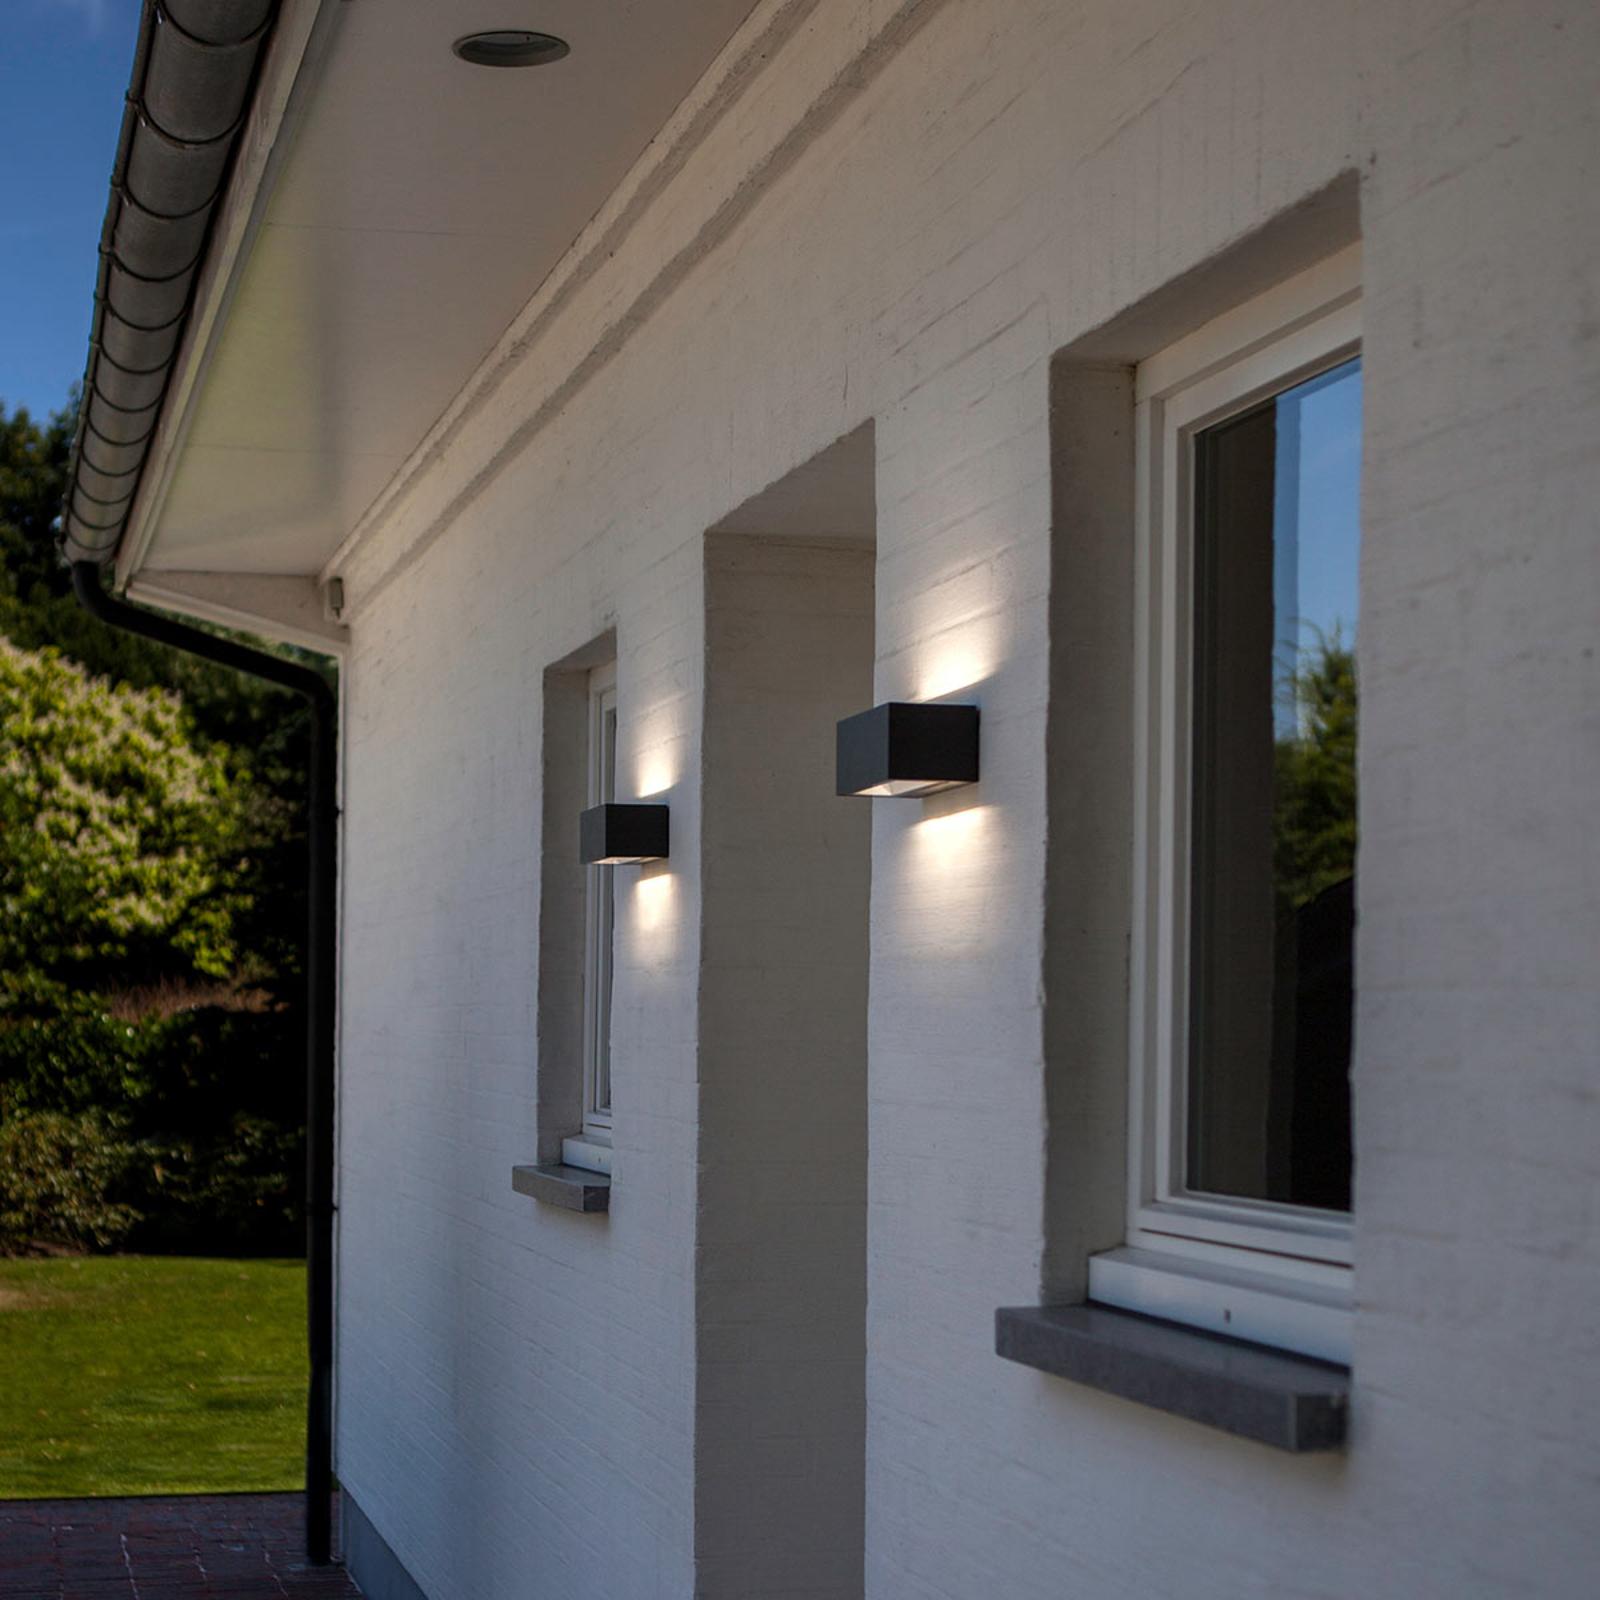 Applique d'extérieur LED moderne Nomra IP54